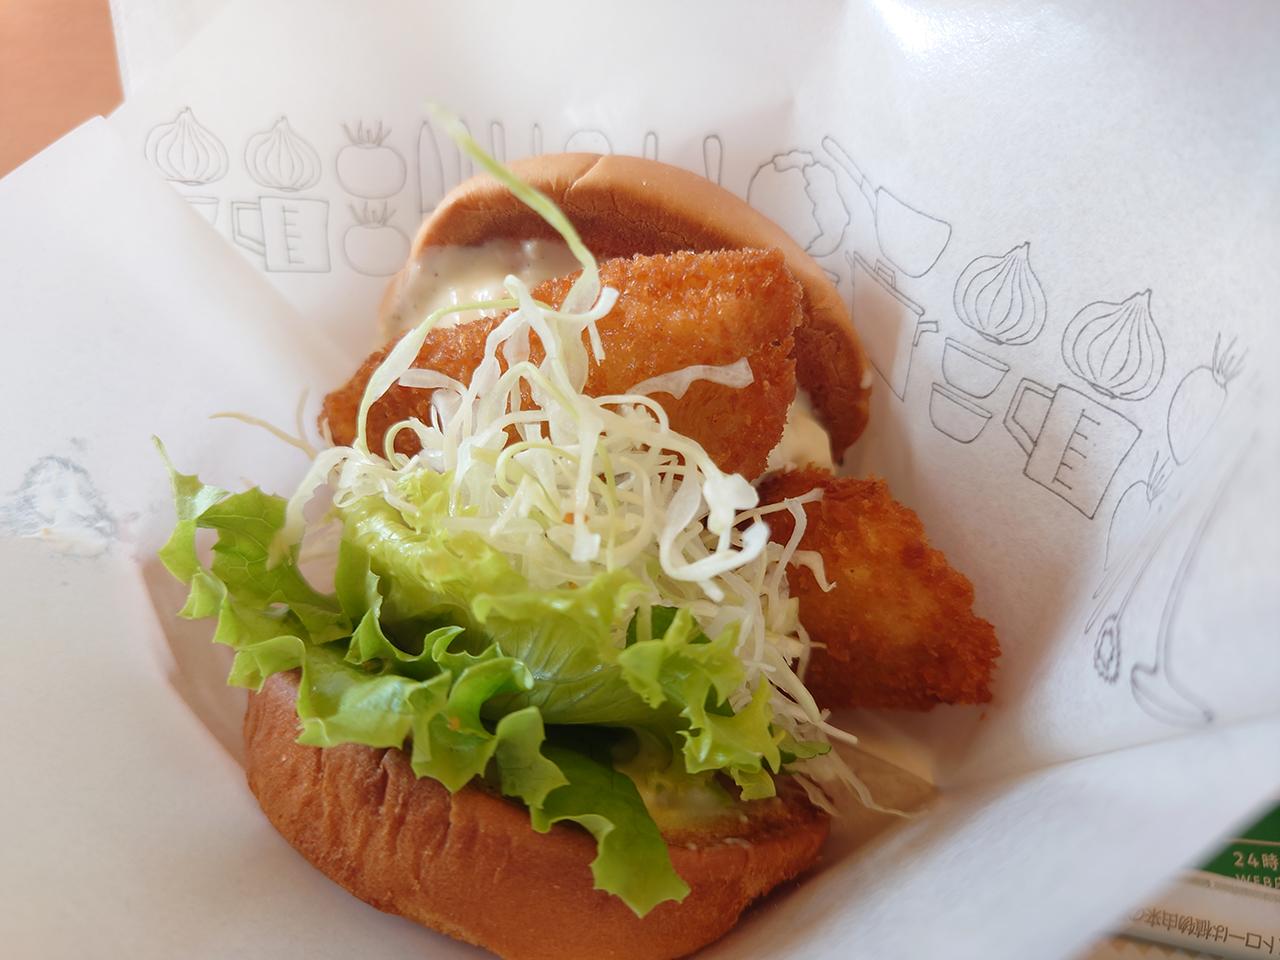 食べて応援! 愛南町の「真鯛カツバーガー」を味わいにモスバーガーへ向かった!